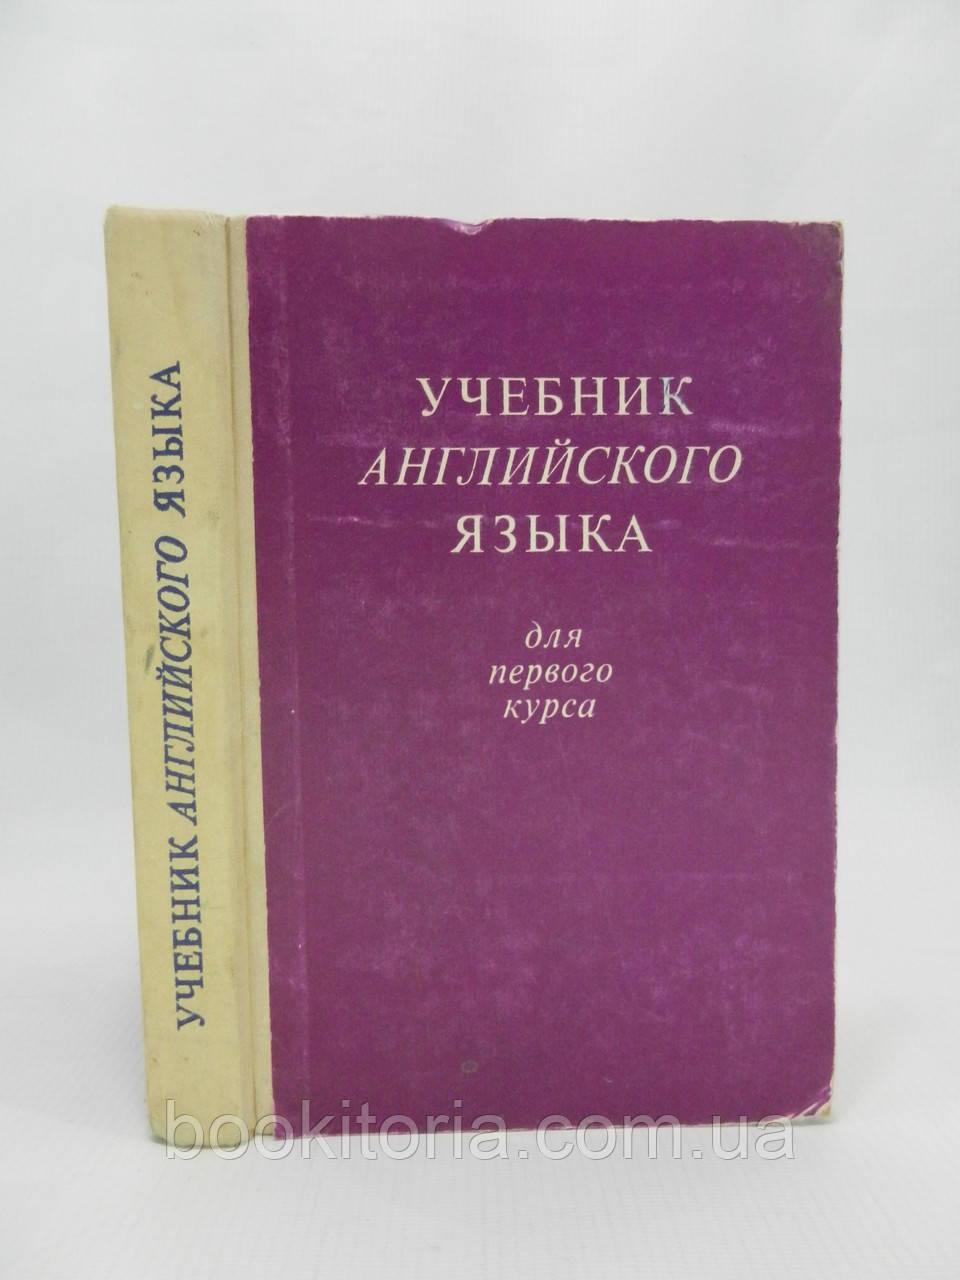 Гальперин И.Р. и др. Учебник английского языка (б/у).